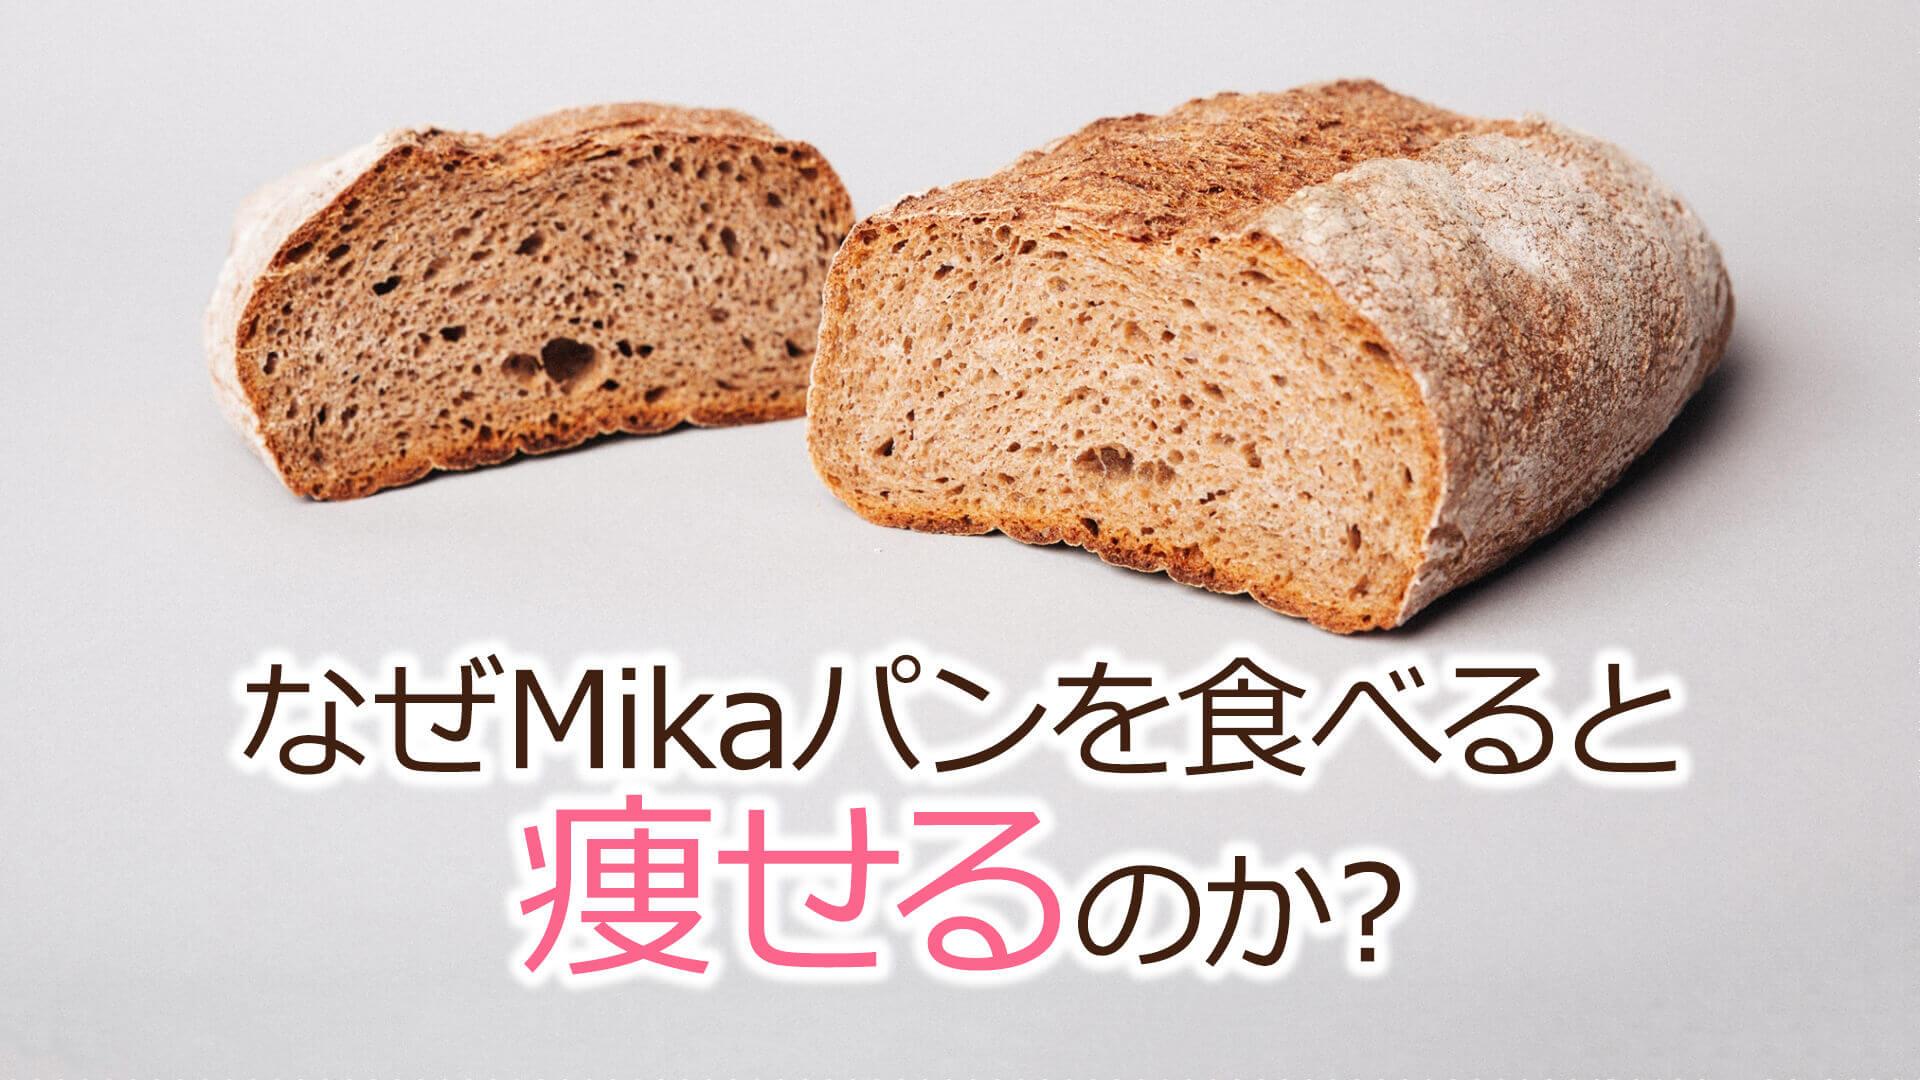 なぜMikaパンを食べると痩せるのか?